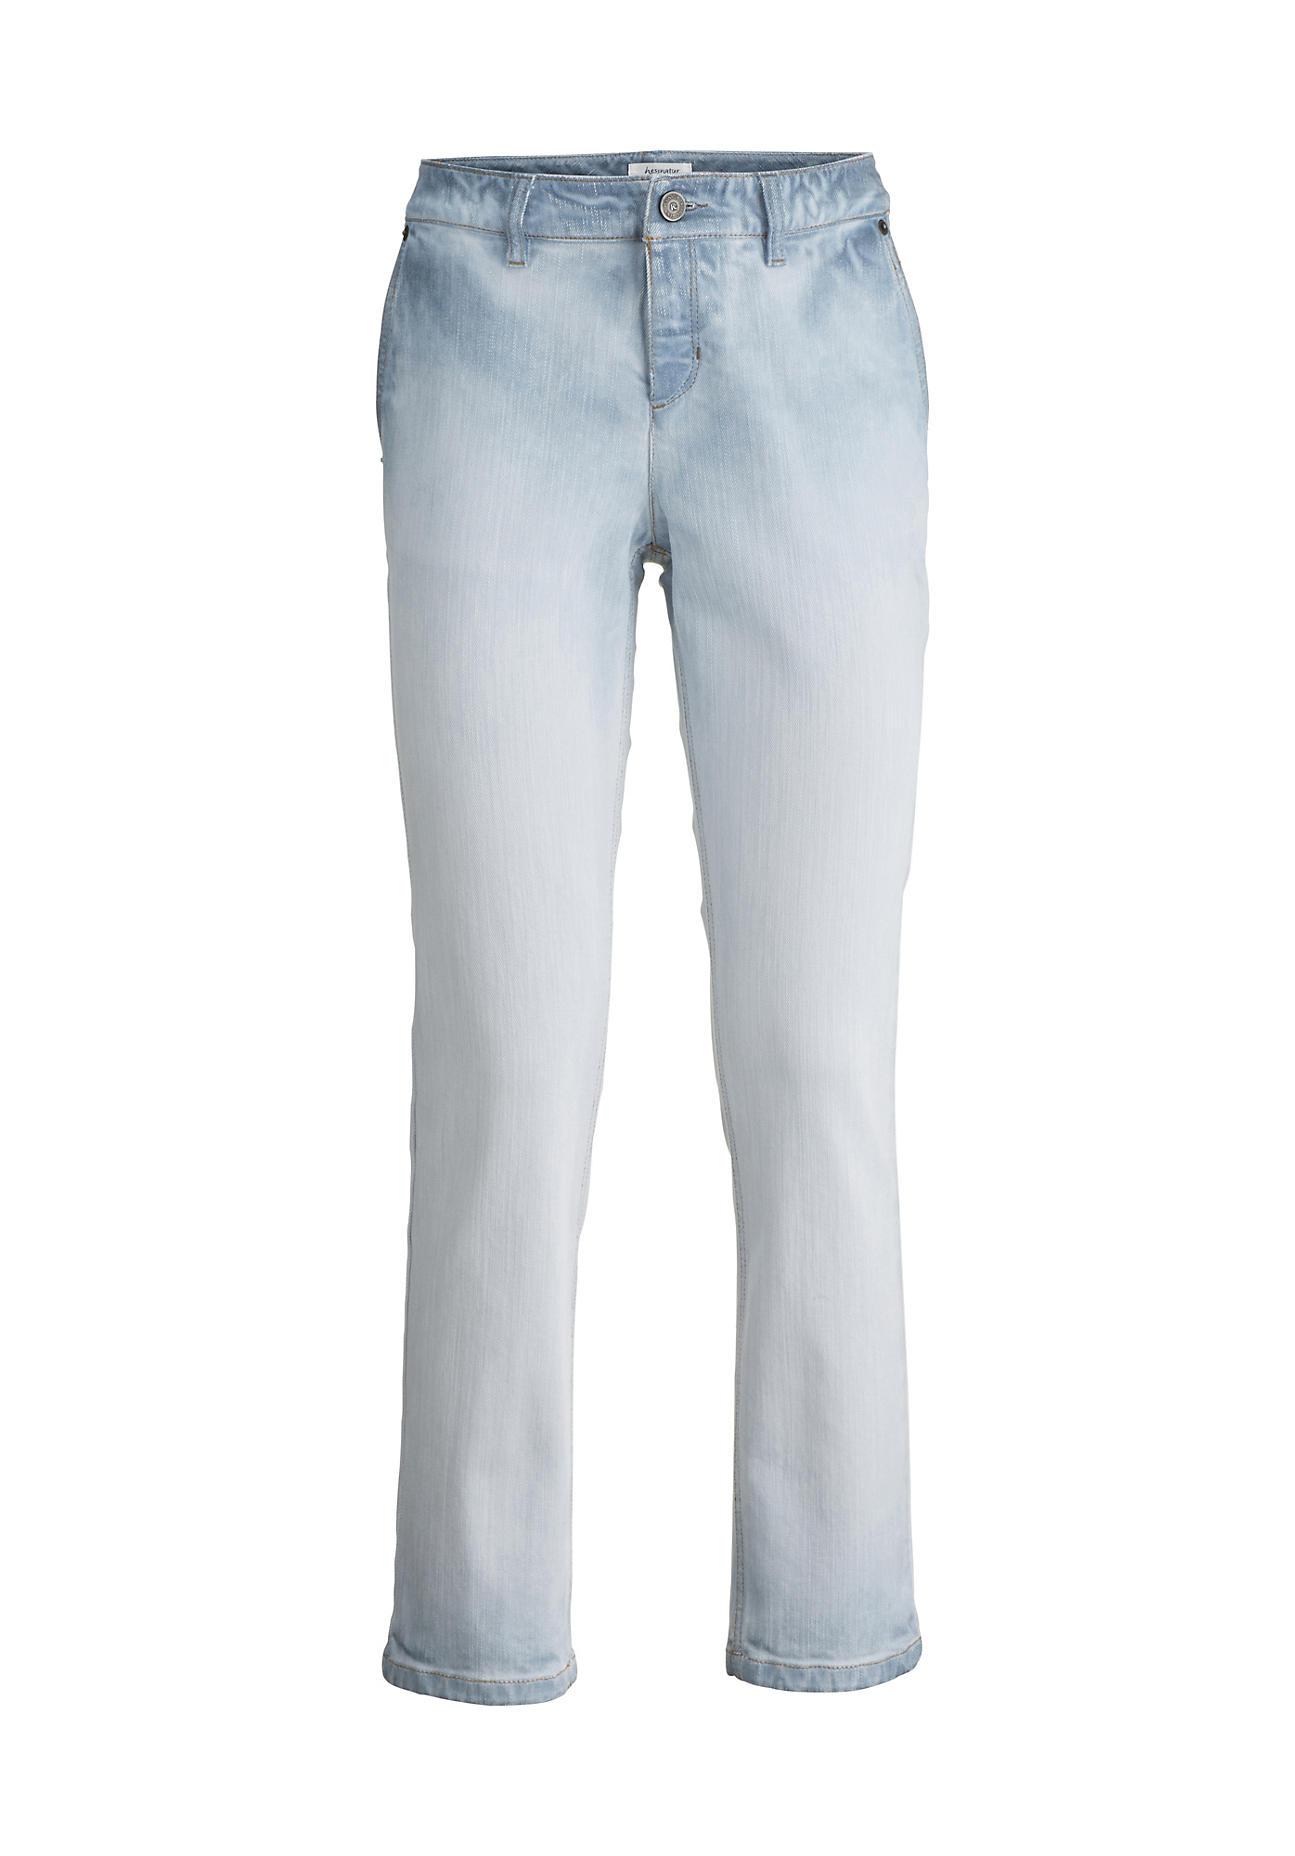 hessnatur Damen Jeans Relaxed Fit aus Bio Baumwolle – blau – Größe 38 32